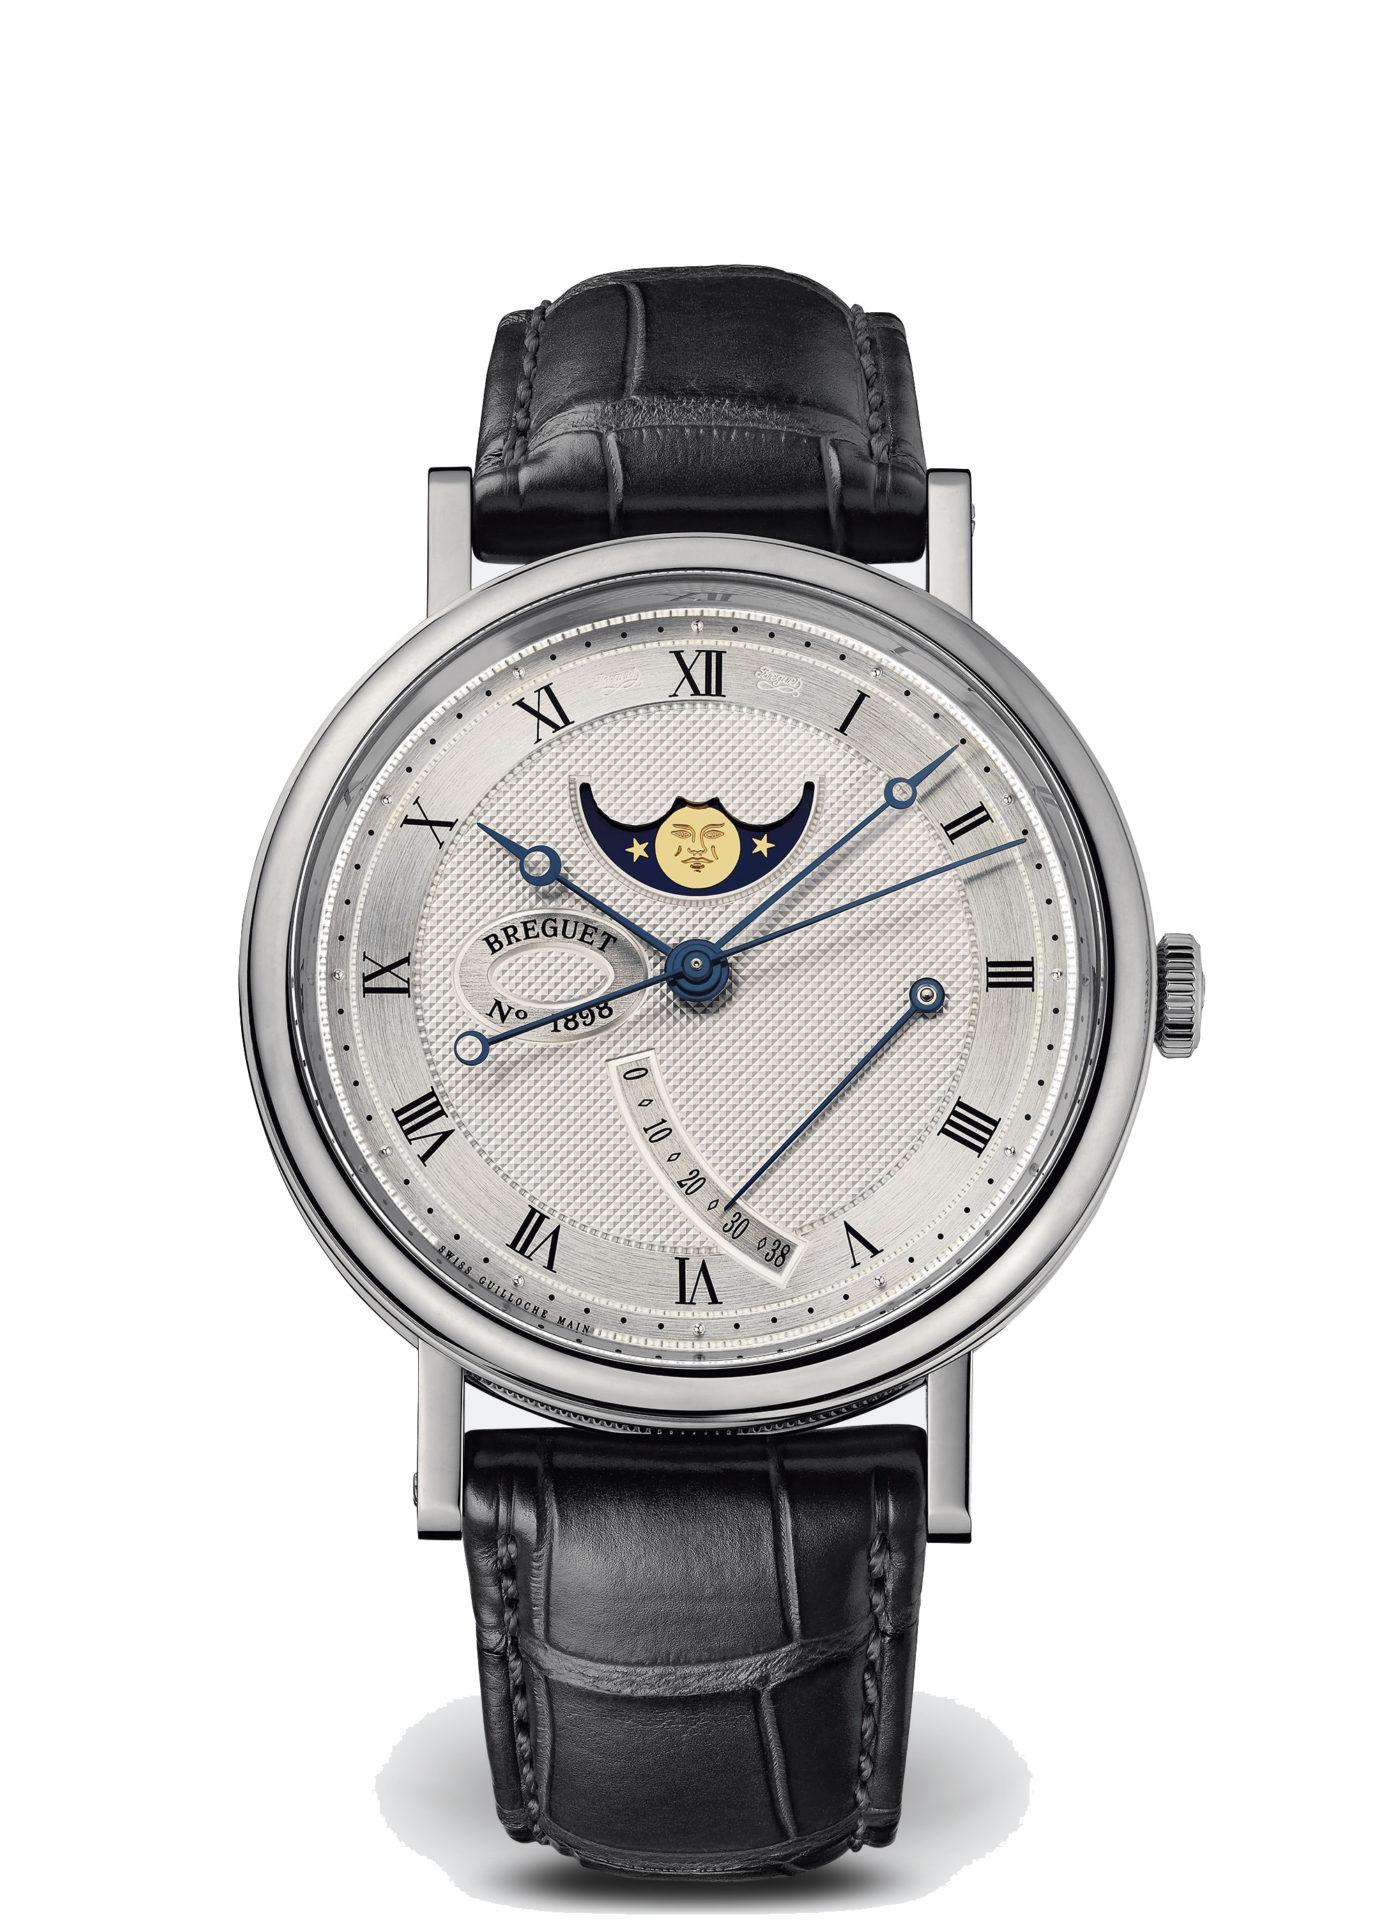 Breguet-Classique-7787-Hall-of-Time-7787bb-12-9v6 copie